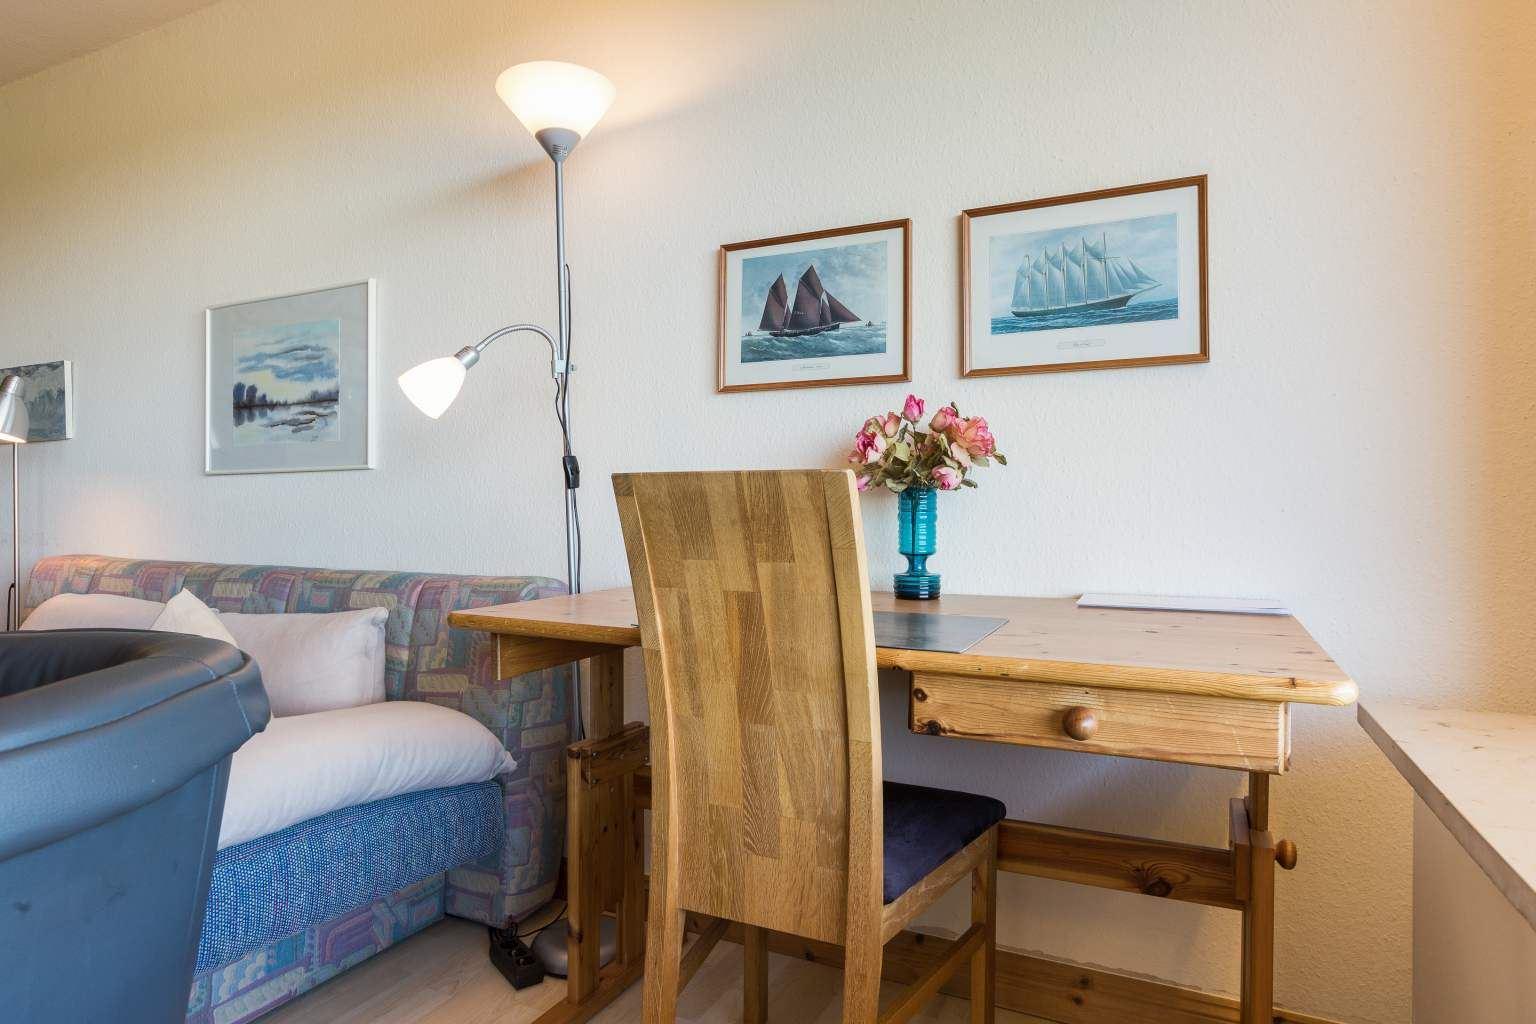 Schreibtisch, Ferienwohnung Nr. 80, St Peter Ording Bad, Haus Atlantic,  Alter Badweg 11-15